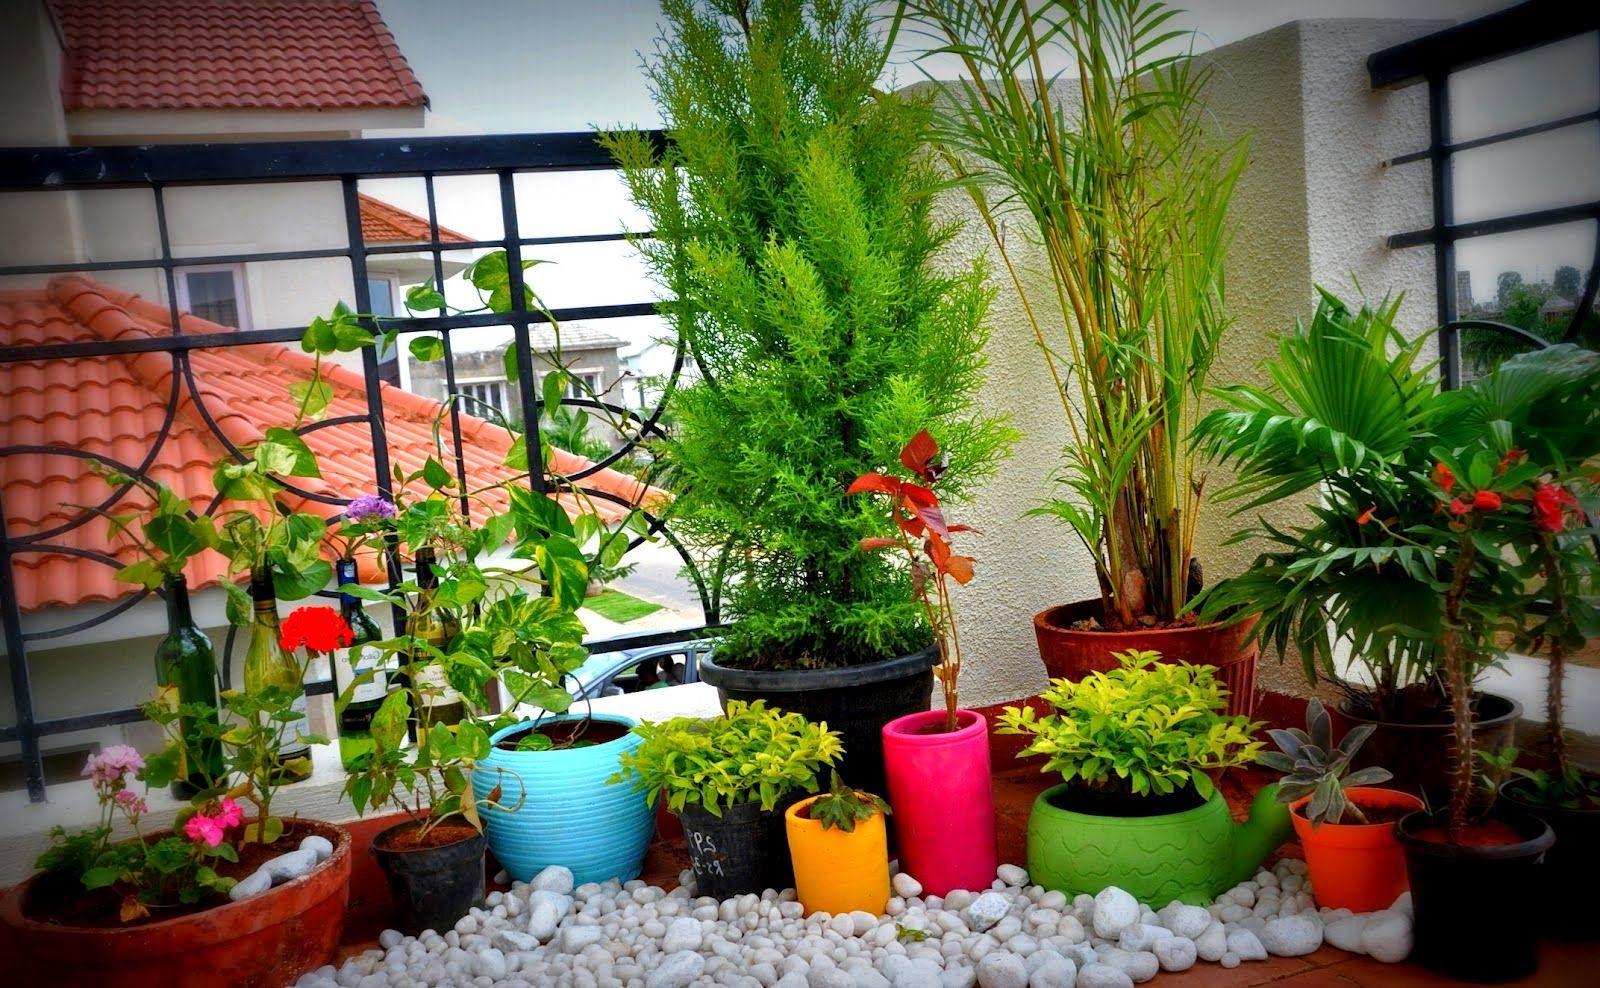 Home Garden For Small Spaces Backyard Design Ideas Pinterest